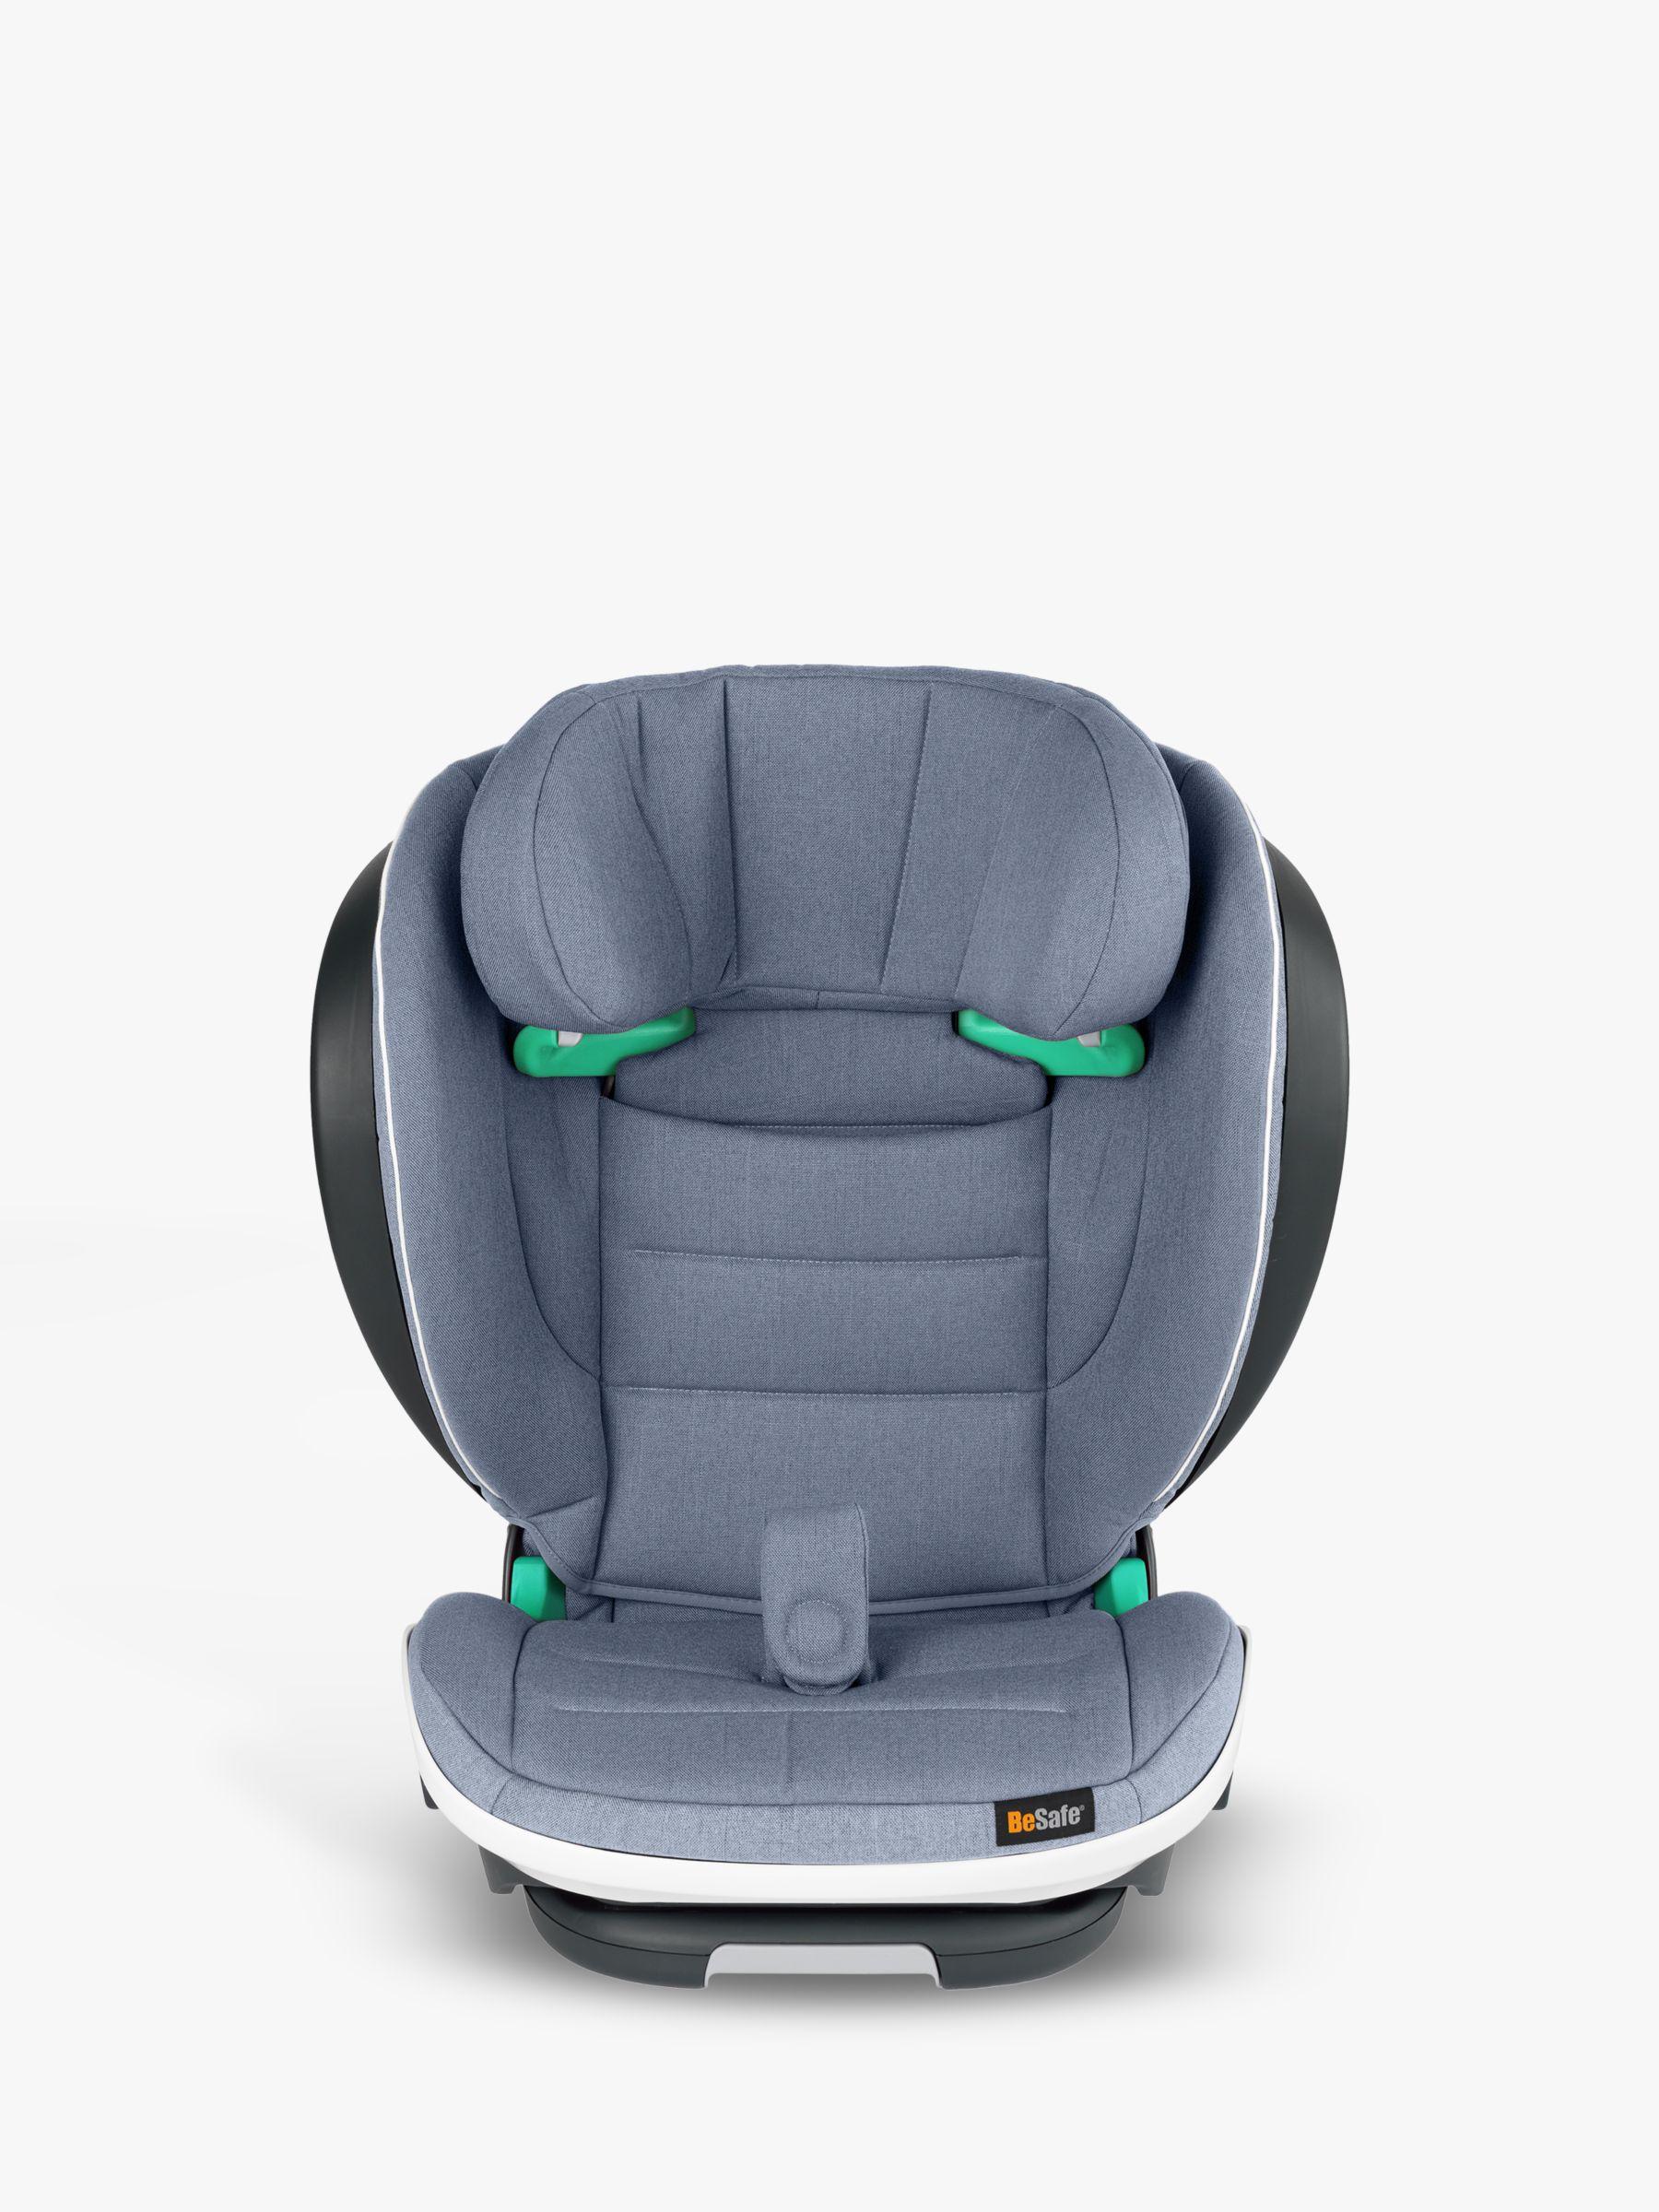 BeSafe BeSafe iZi Flex FIX i-Size High-Back Booster Group 2/3 Car Seat, Cloud Melange